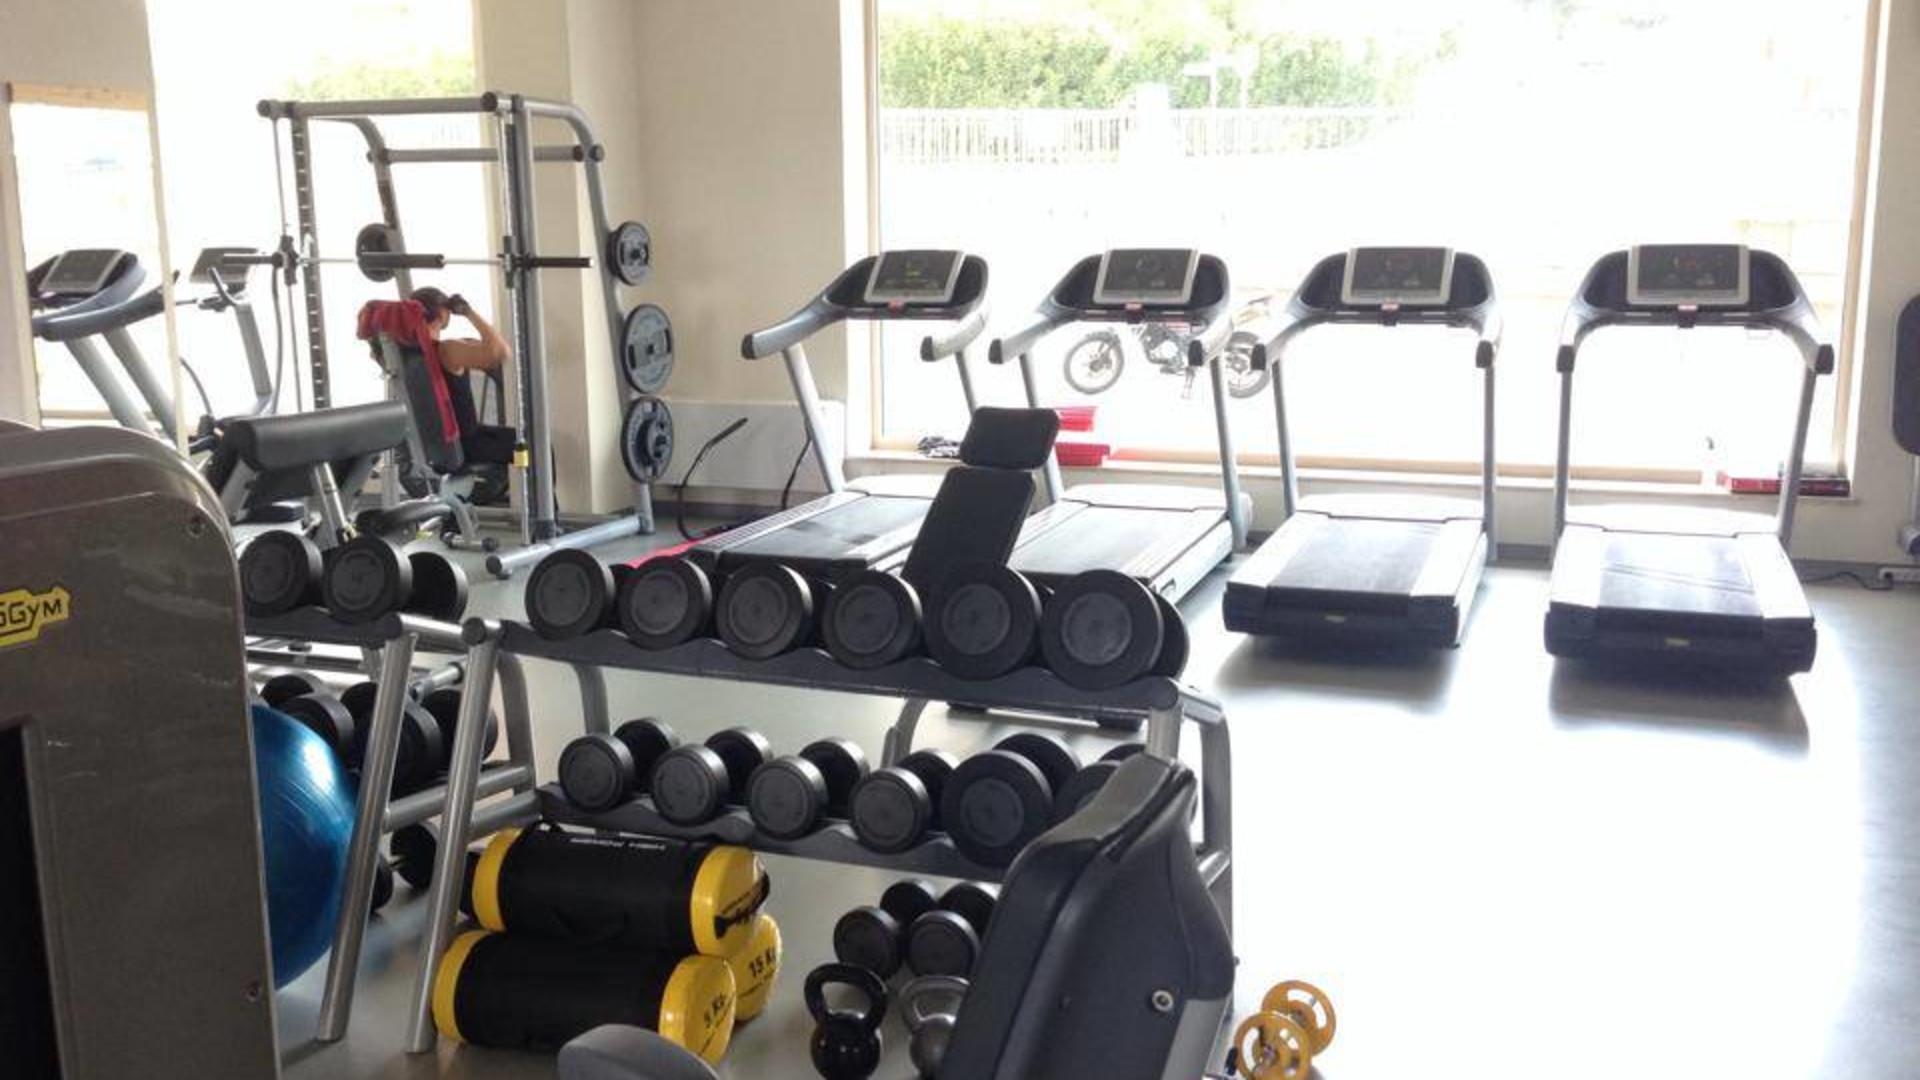 3.0 Fitness Club